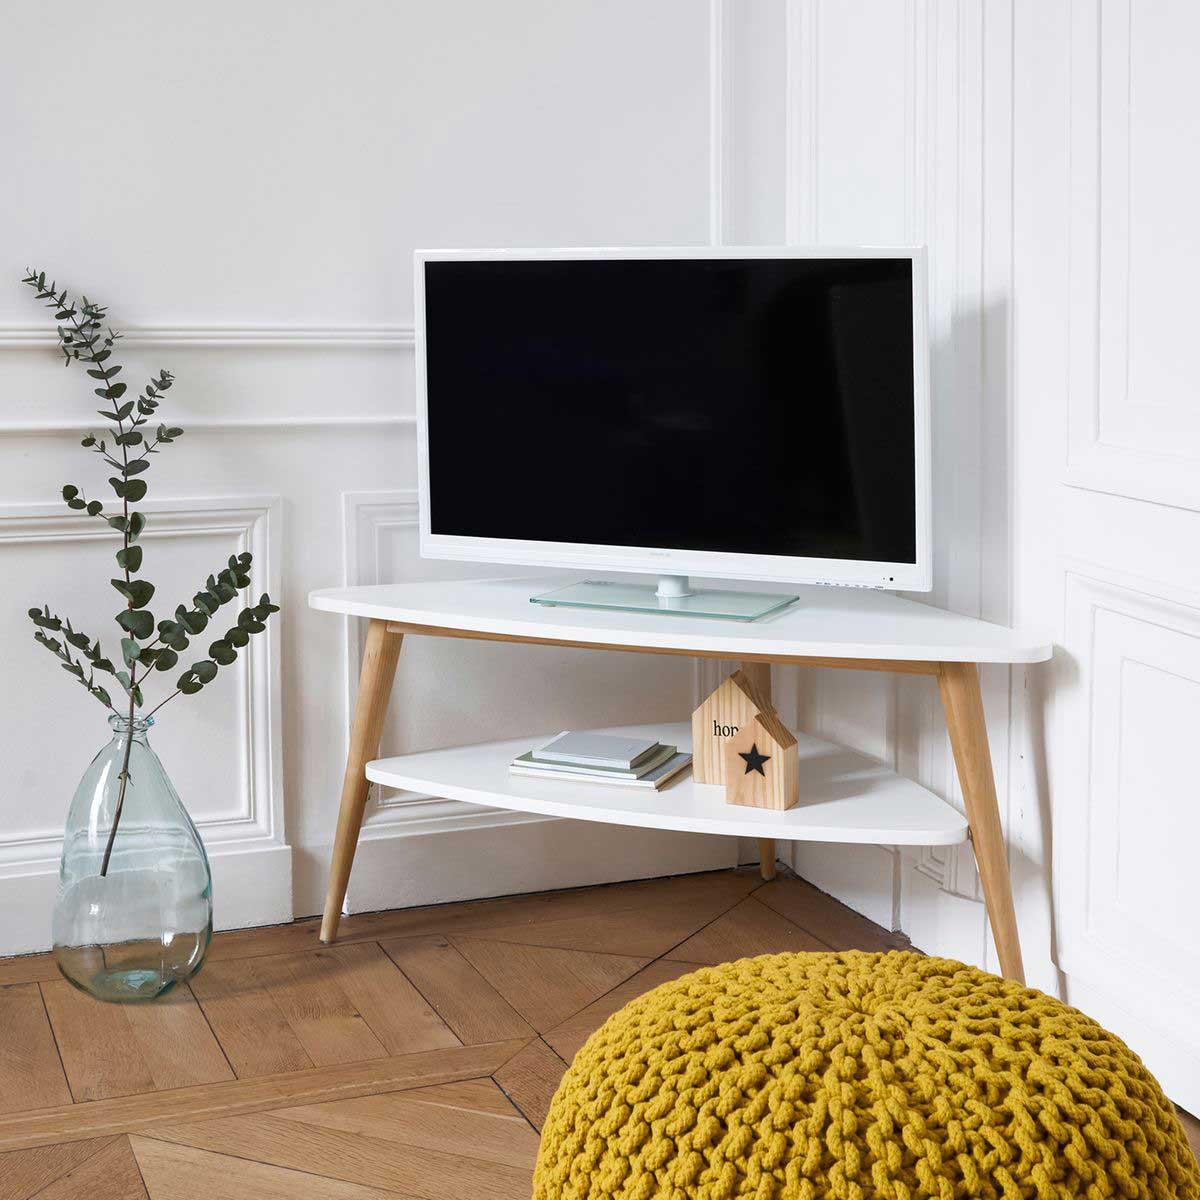 Meuble TV scandinave : 18 modèles style design nordique